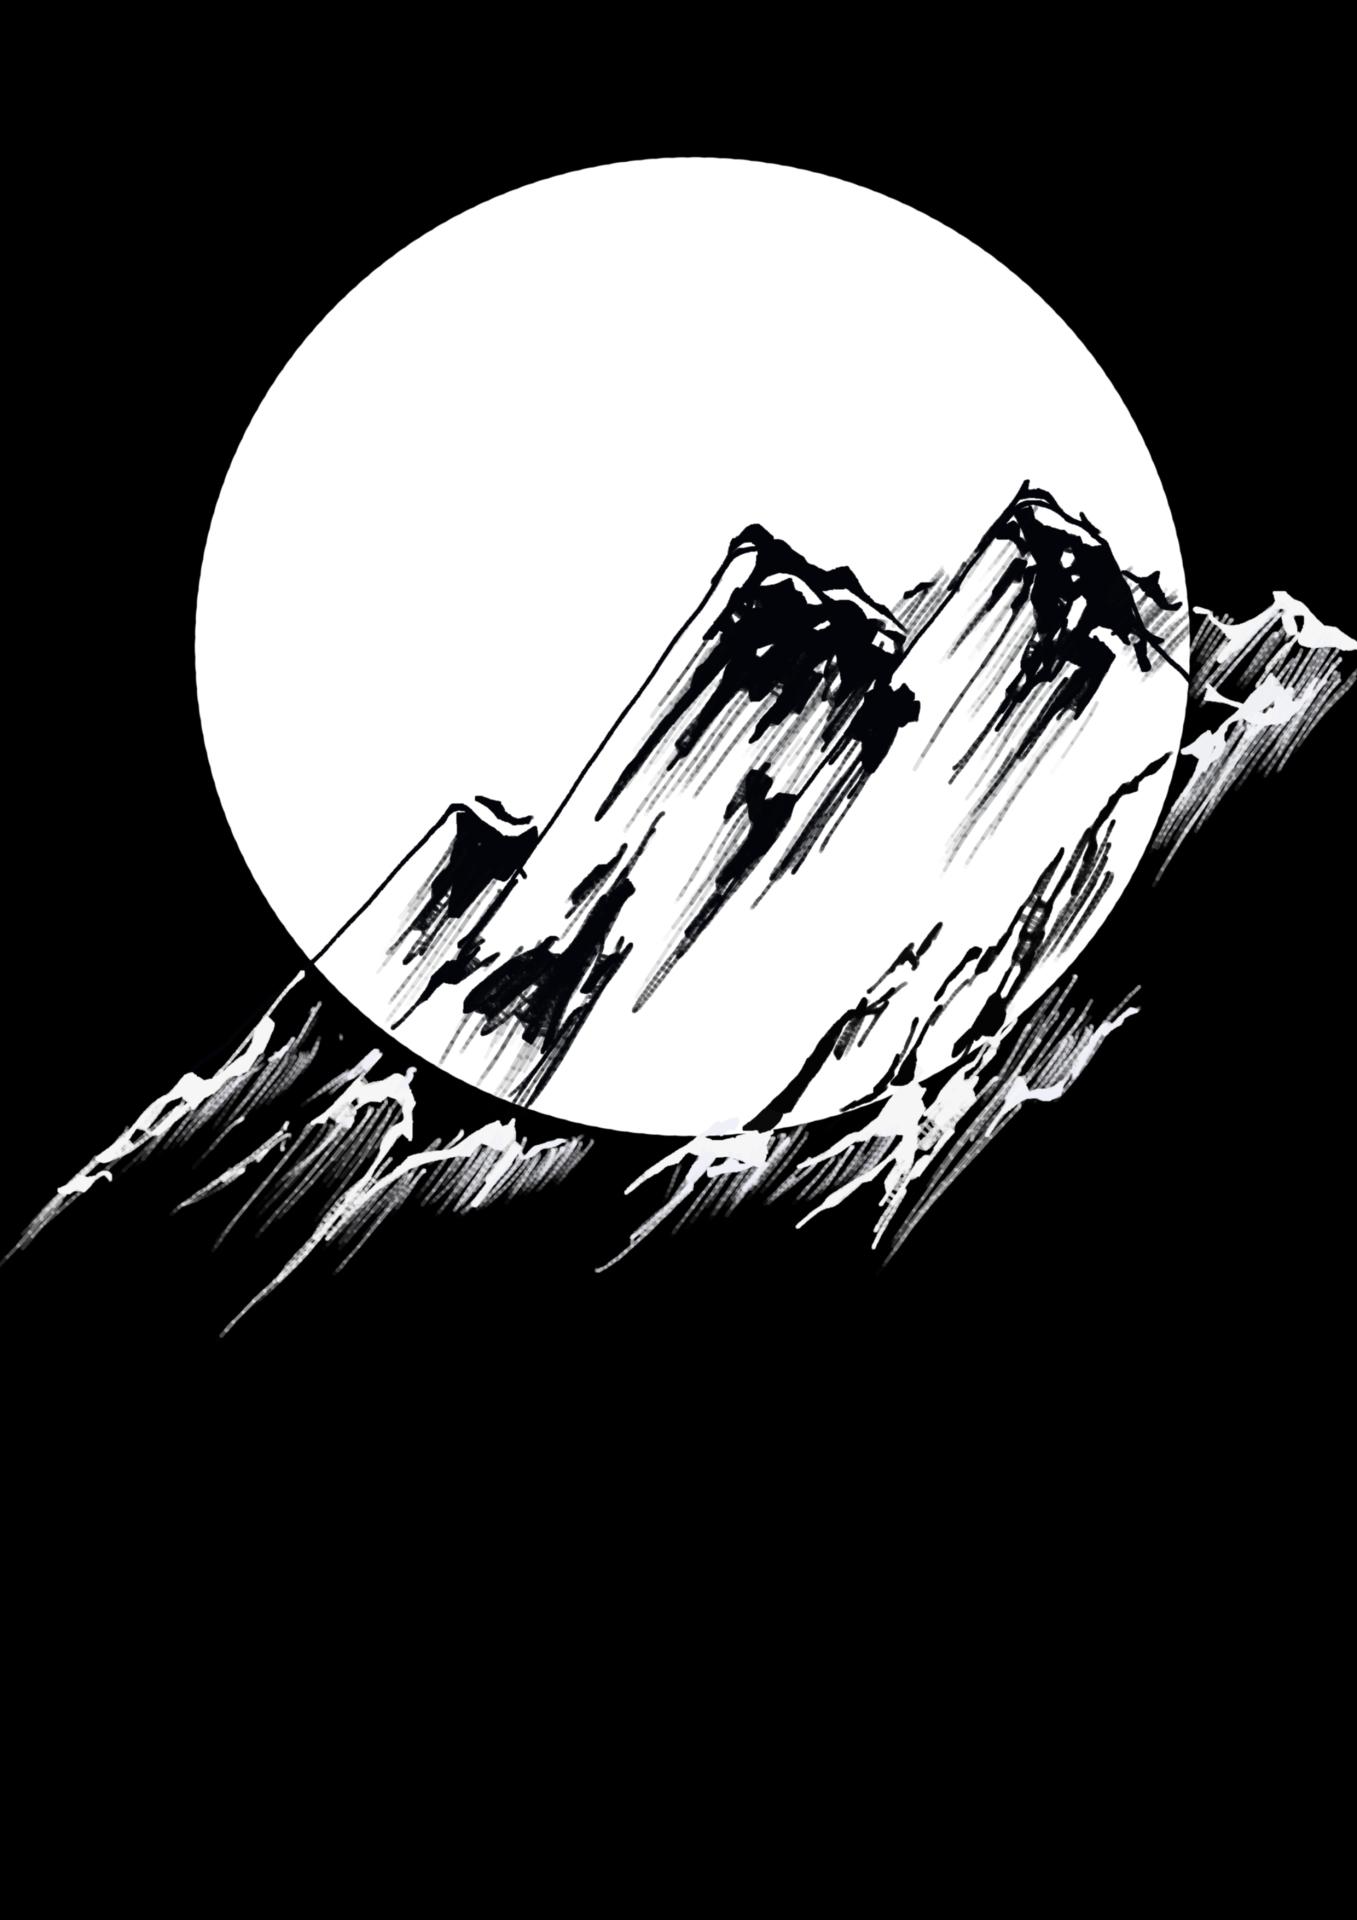 Moon over peaks